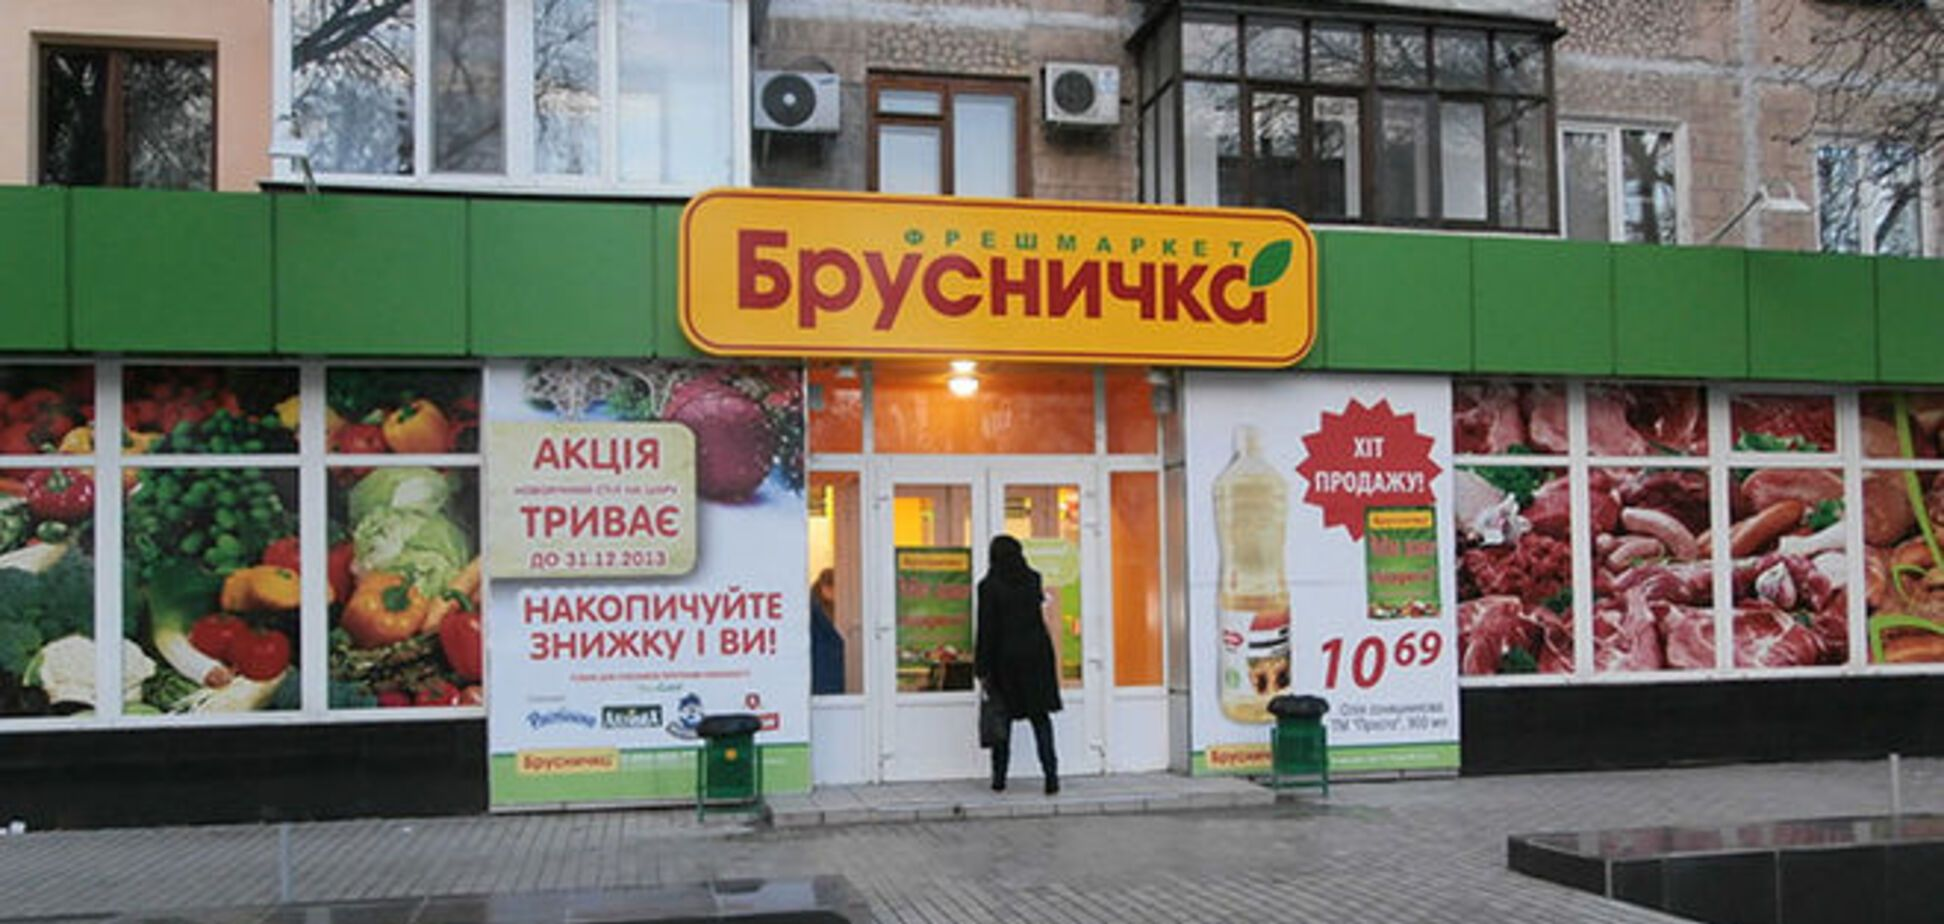 'Брусничка' залишає Донбас: приміщення планують здати в оренду терористам